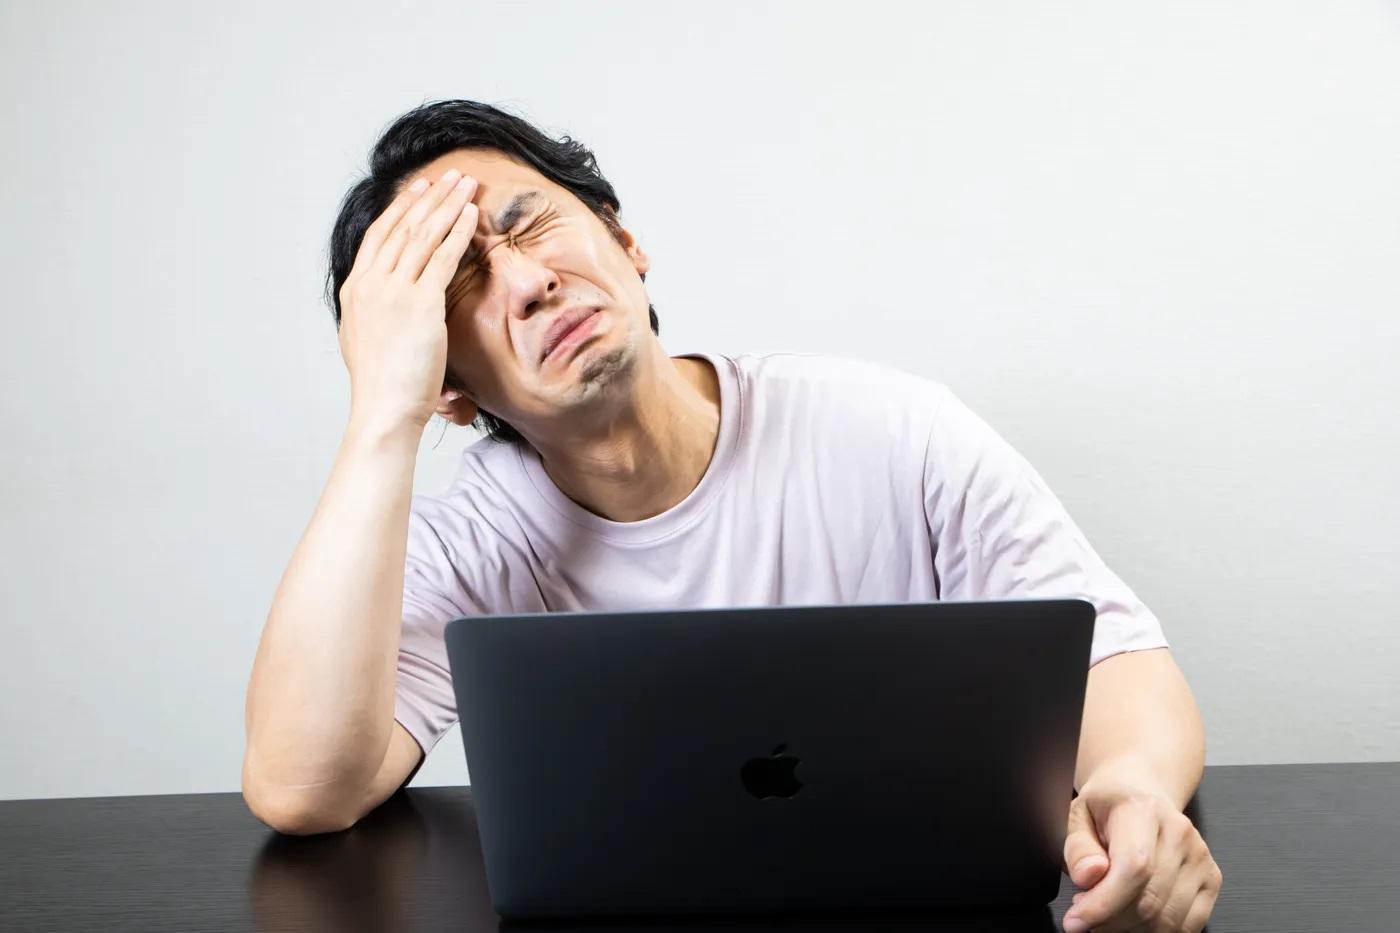 『体調が悪く明日から出勤したくありません。即日の退職は可能ですか?』30代男性の退職代行